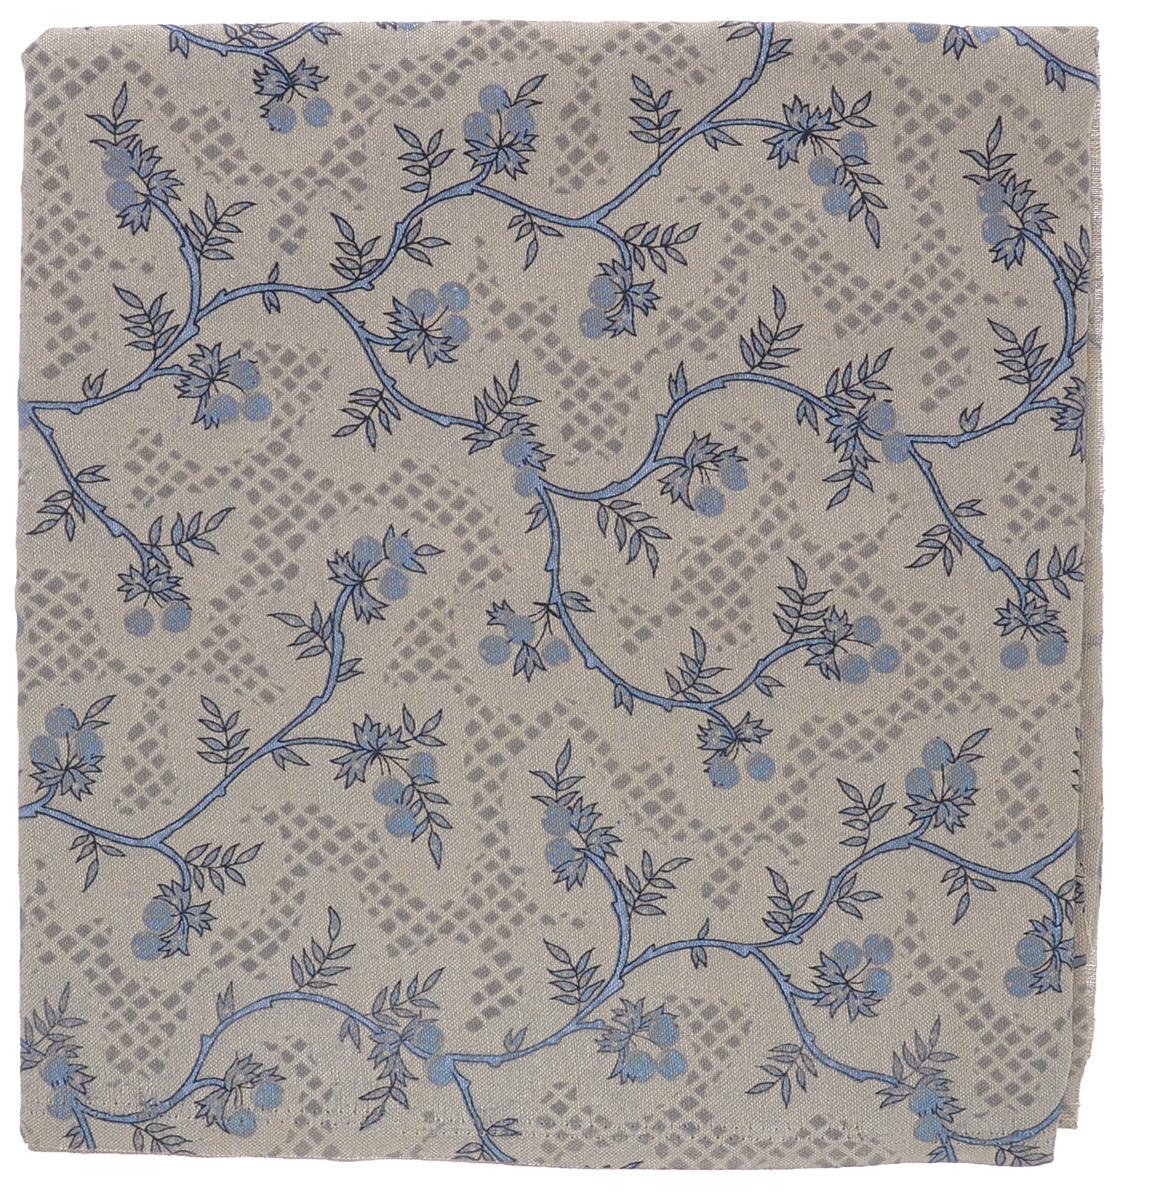 Ткань Mas dOusvan Eloa Chambray, 110 х 100 смBLOA.CHYBТкань Mas dOusvan Eloa Chambray, выполненная из натурального хлопка, используется для творческих работ.Хлопковые ткани не выцветают, не линяют, не деформируются при стирке и в процессе носки готовых изделий, сшитых из этих тканей. Ткань Mas dOusvan Eloa Chambray можно без опасений использовать в производстве одежды для самых маленьких детей. Также ткань подойдет для декора и оформления творческих работ в различных техниках.Ширина: 110 см.Длина: 1 м.